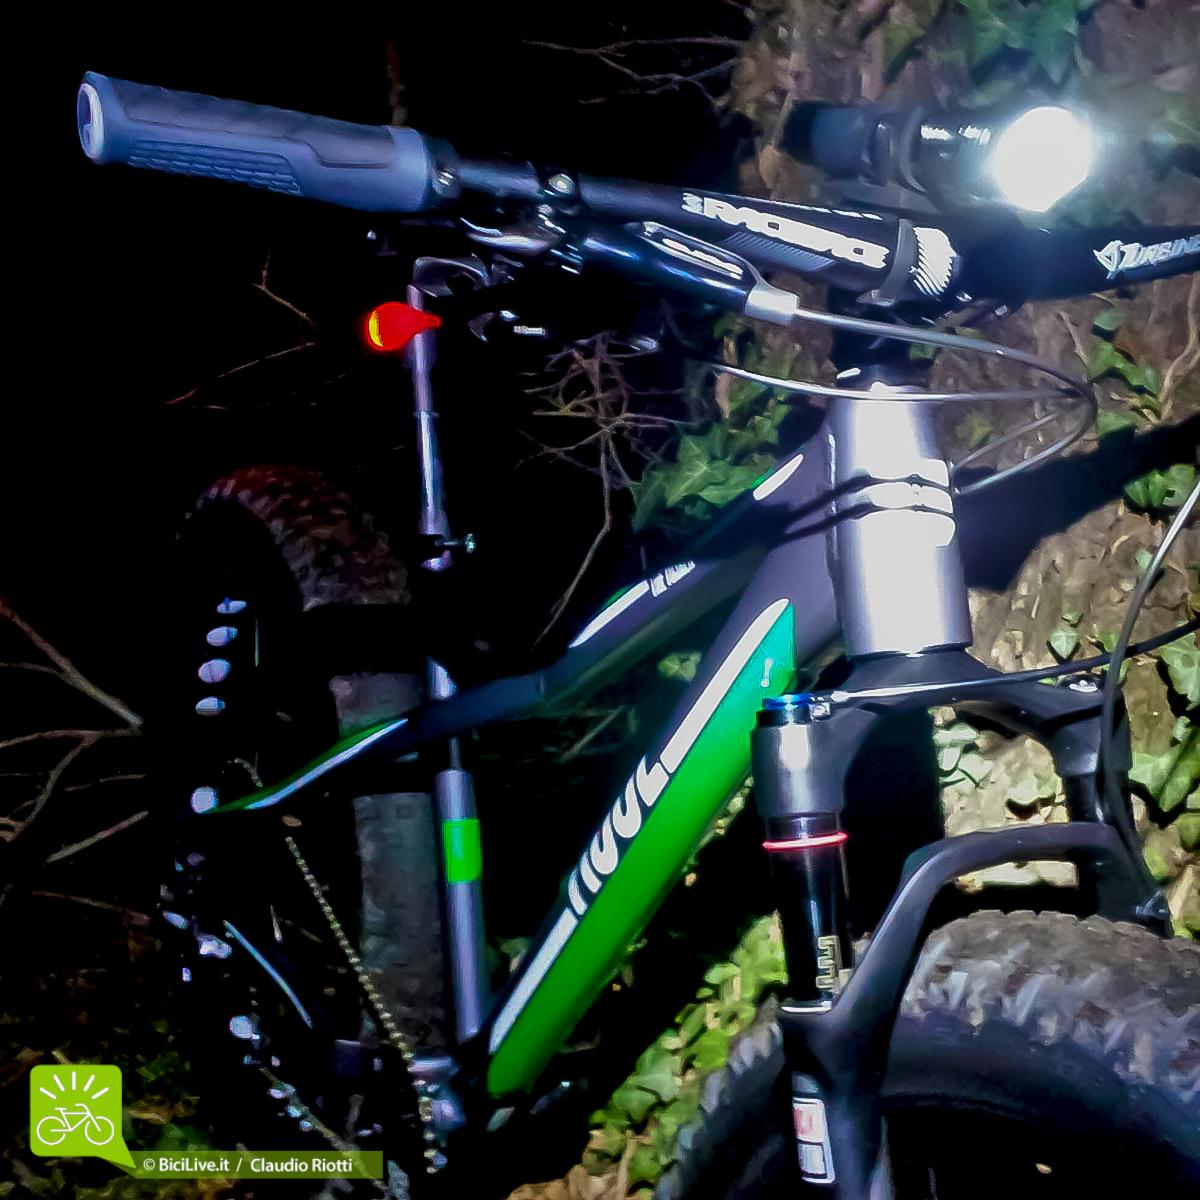 La Tusker è la bici adatta per le notturne, perdona anche i piccoli errori di guida dovuti alla scarsa visibilità!